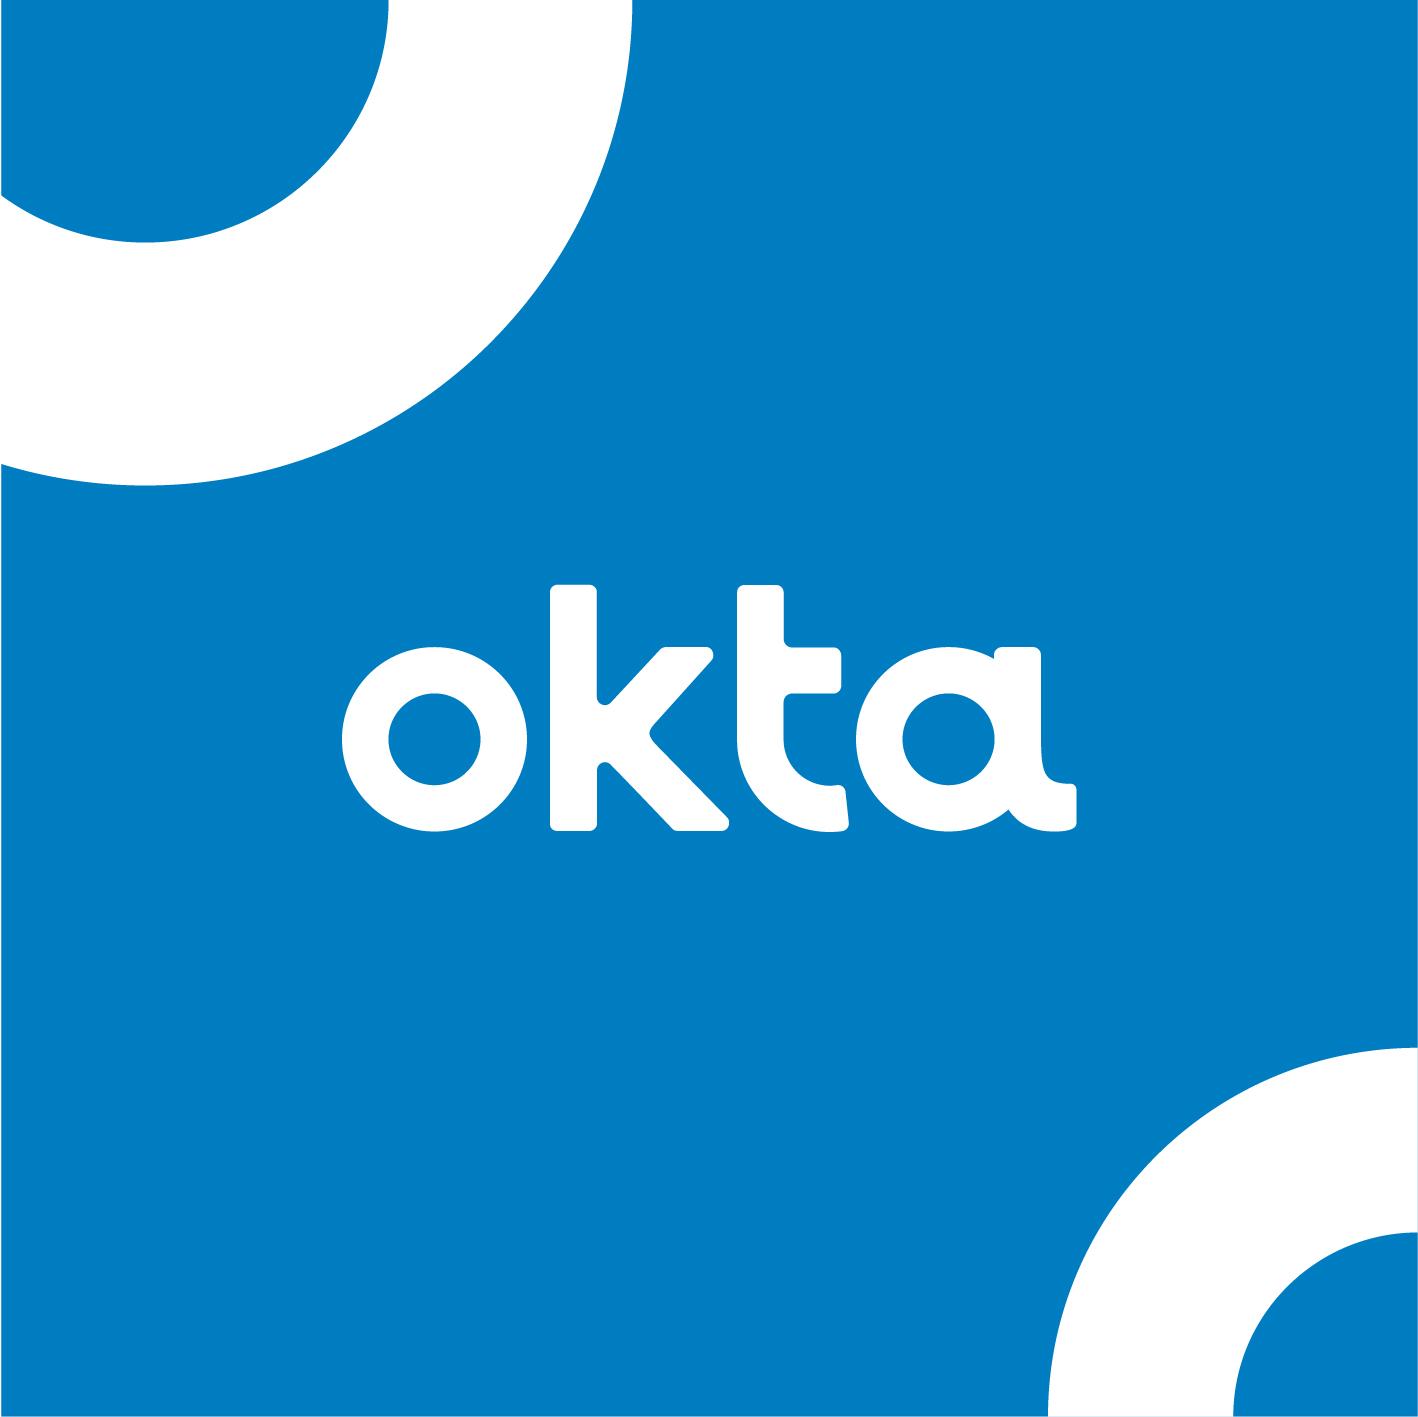 Okta case study